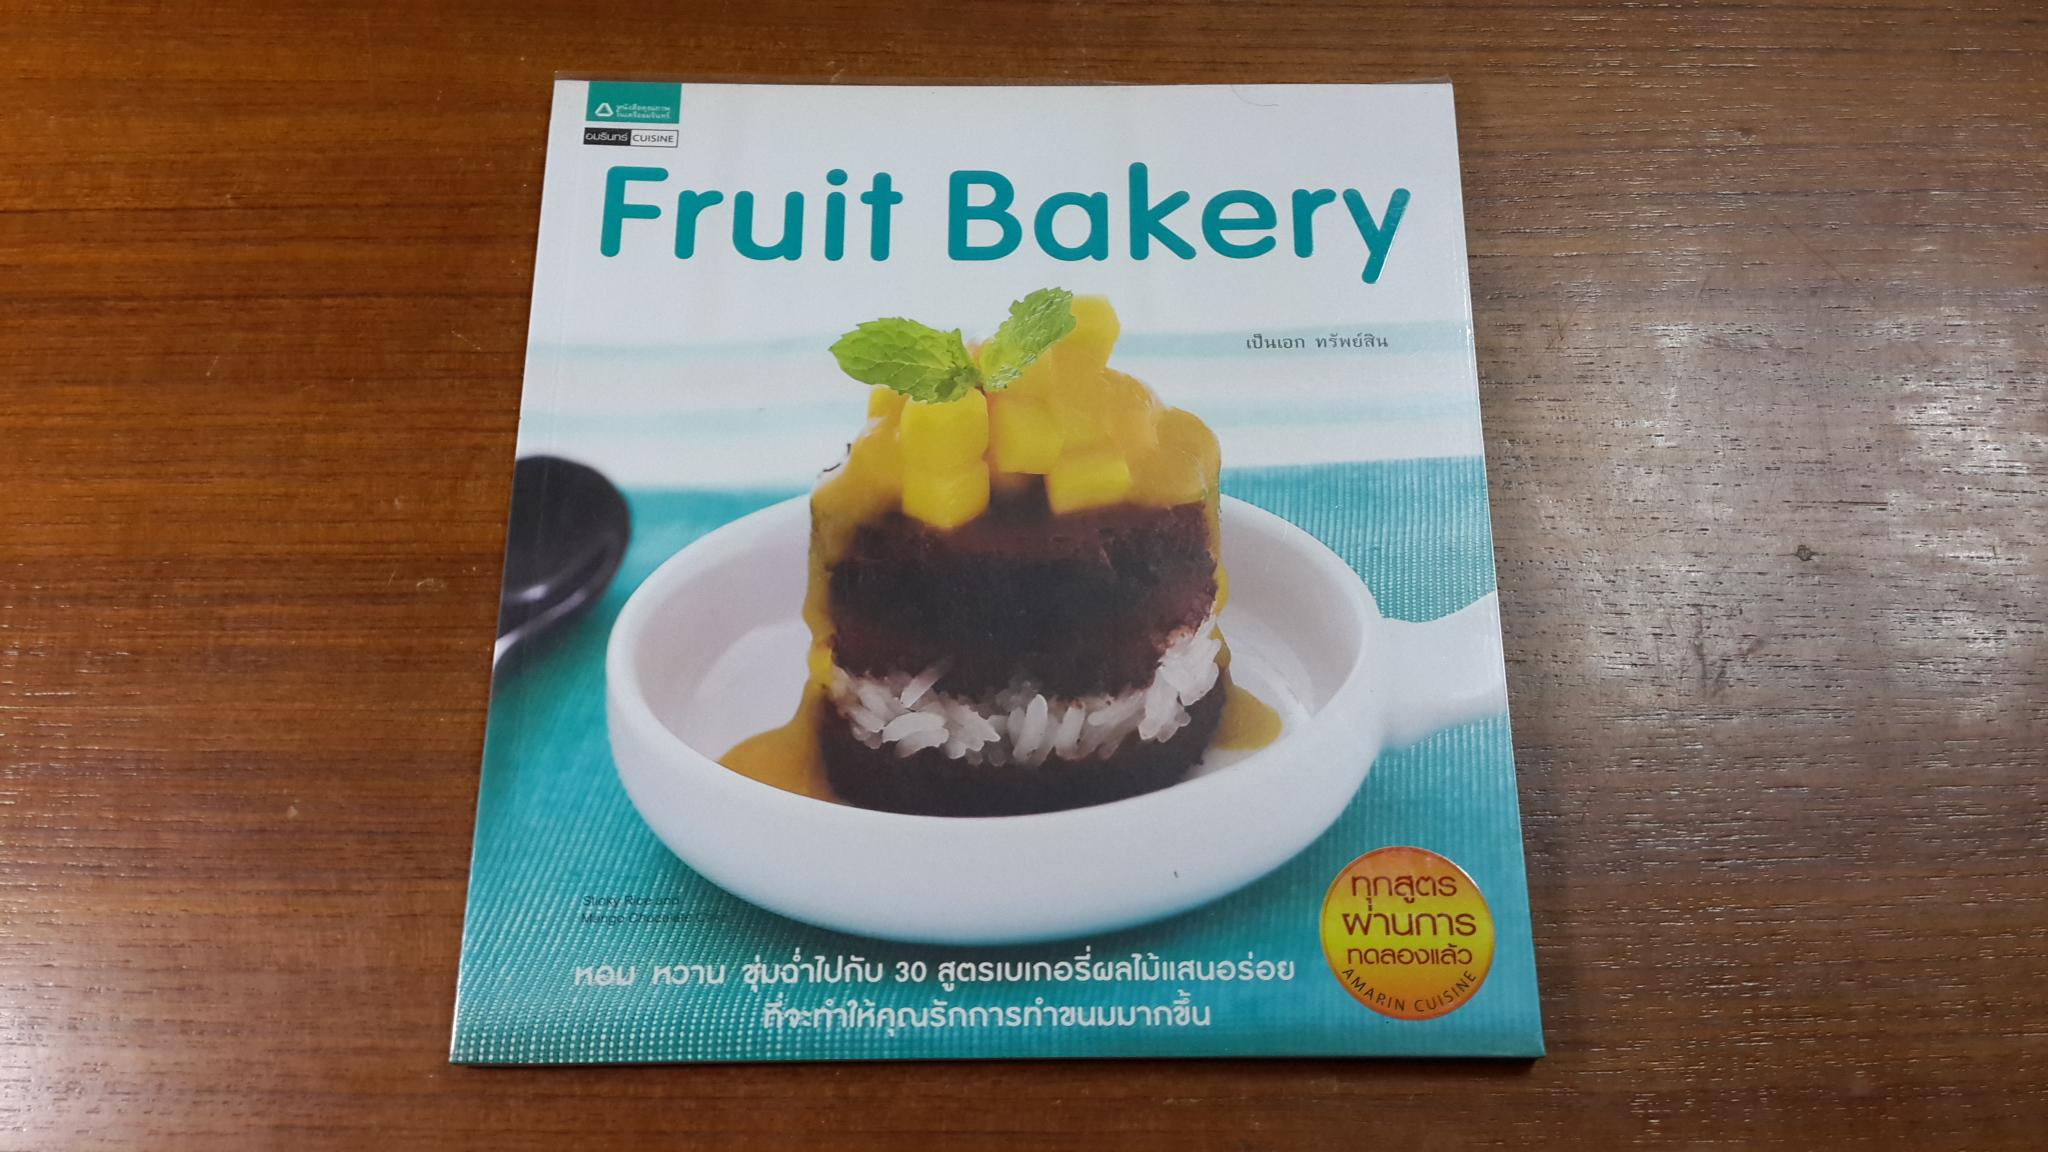 Fruit Bakery / เป็นเอก ทรัพย์สิน